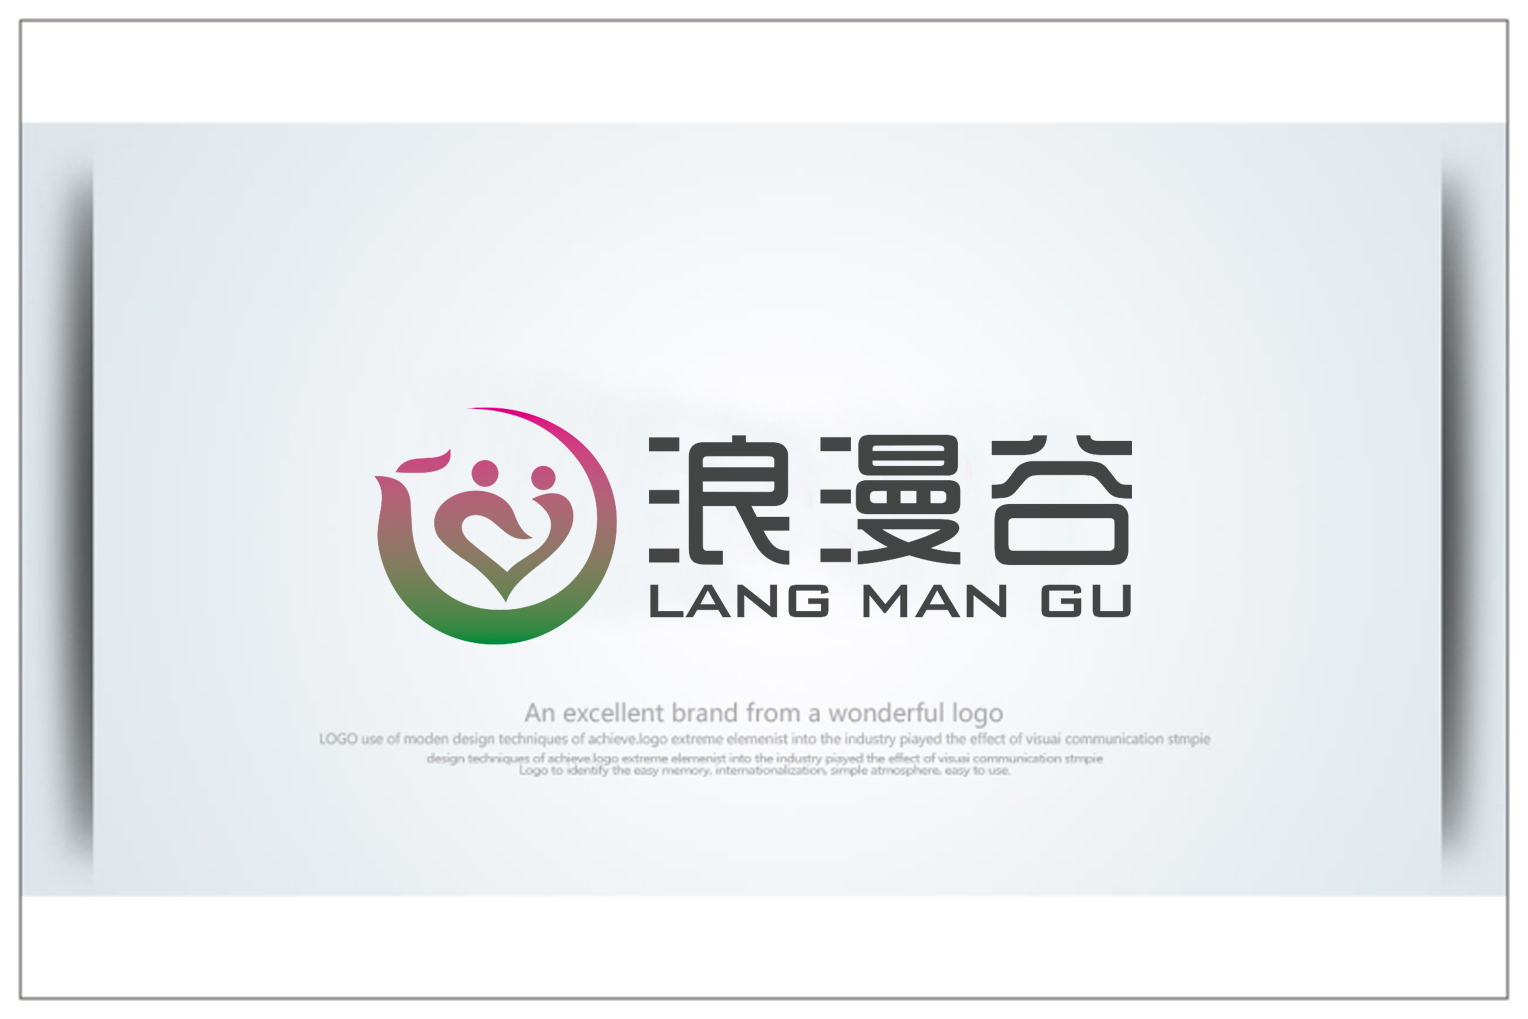 """以""""浪漫谷""""为名设计LOGO标志_2953567_k68威客网"""